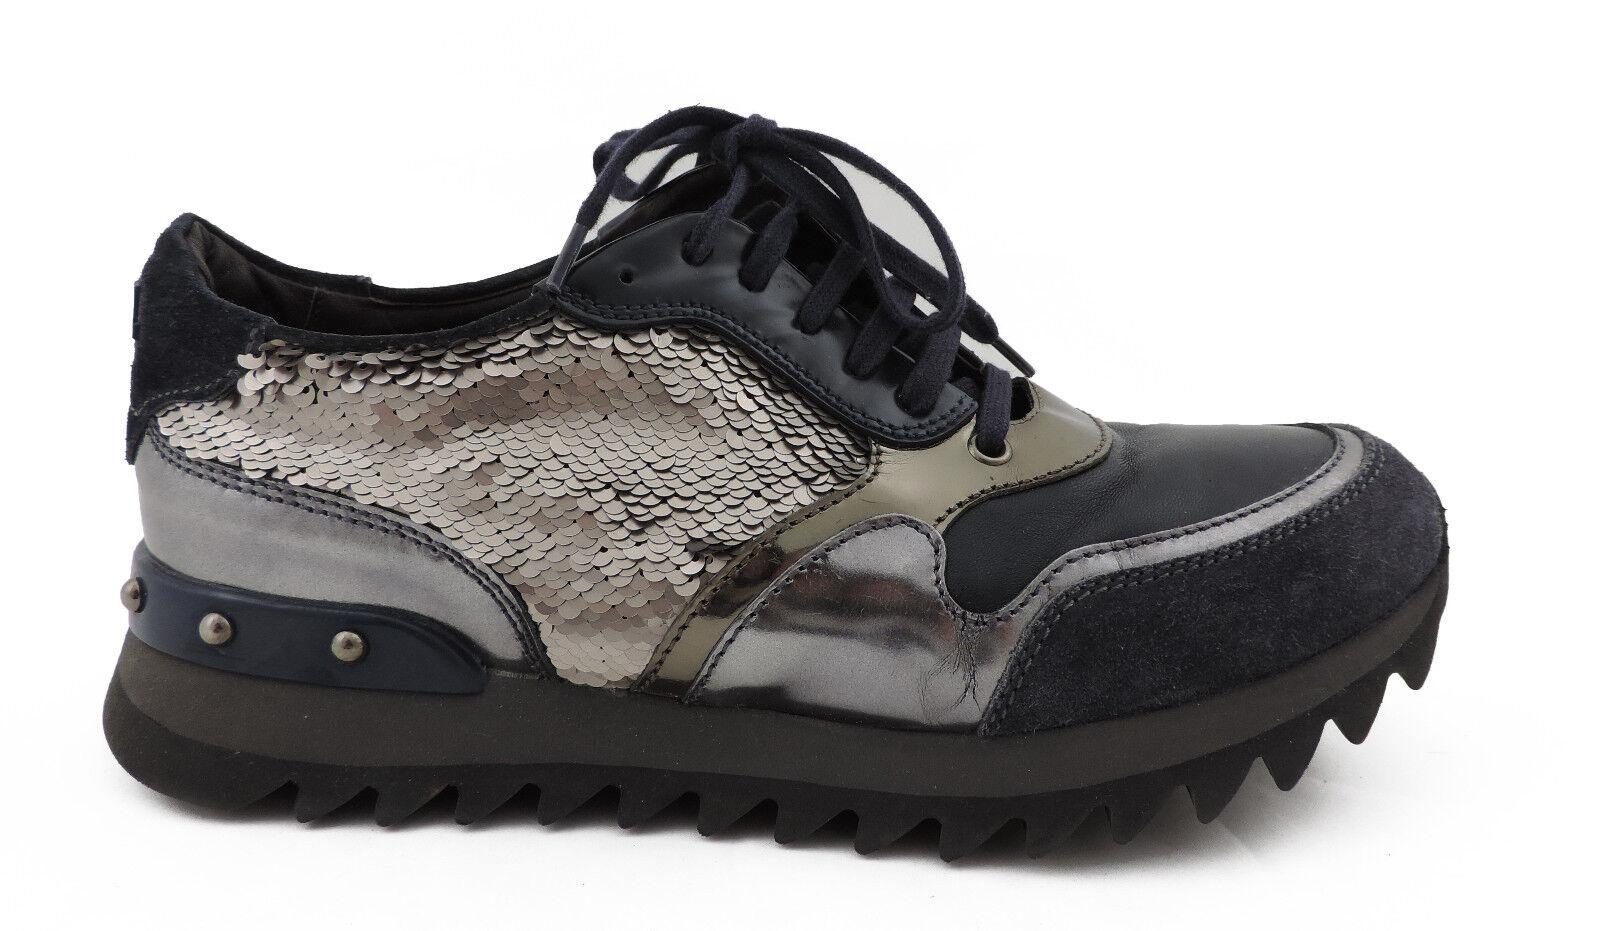 Attilio GRIGIO giusti Leombruni agl Sneaker 39 BLU GRIGIO Attilio PAILLETTES come nuovo Scarpe baace3